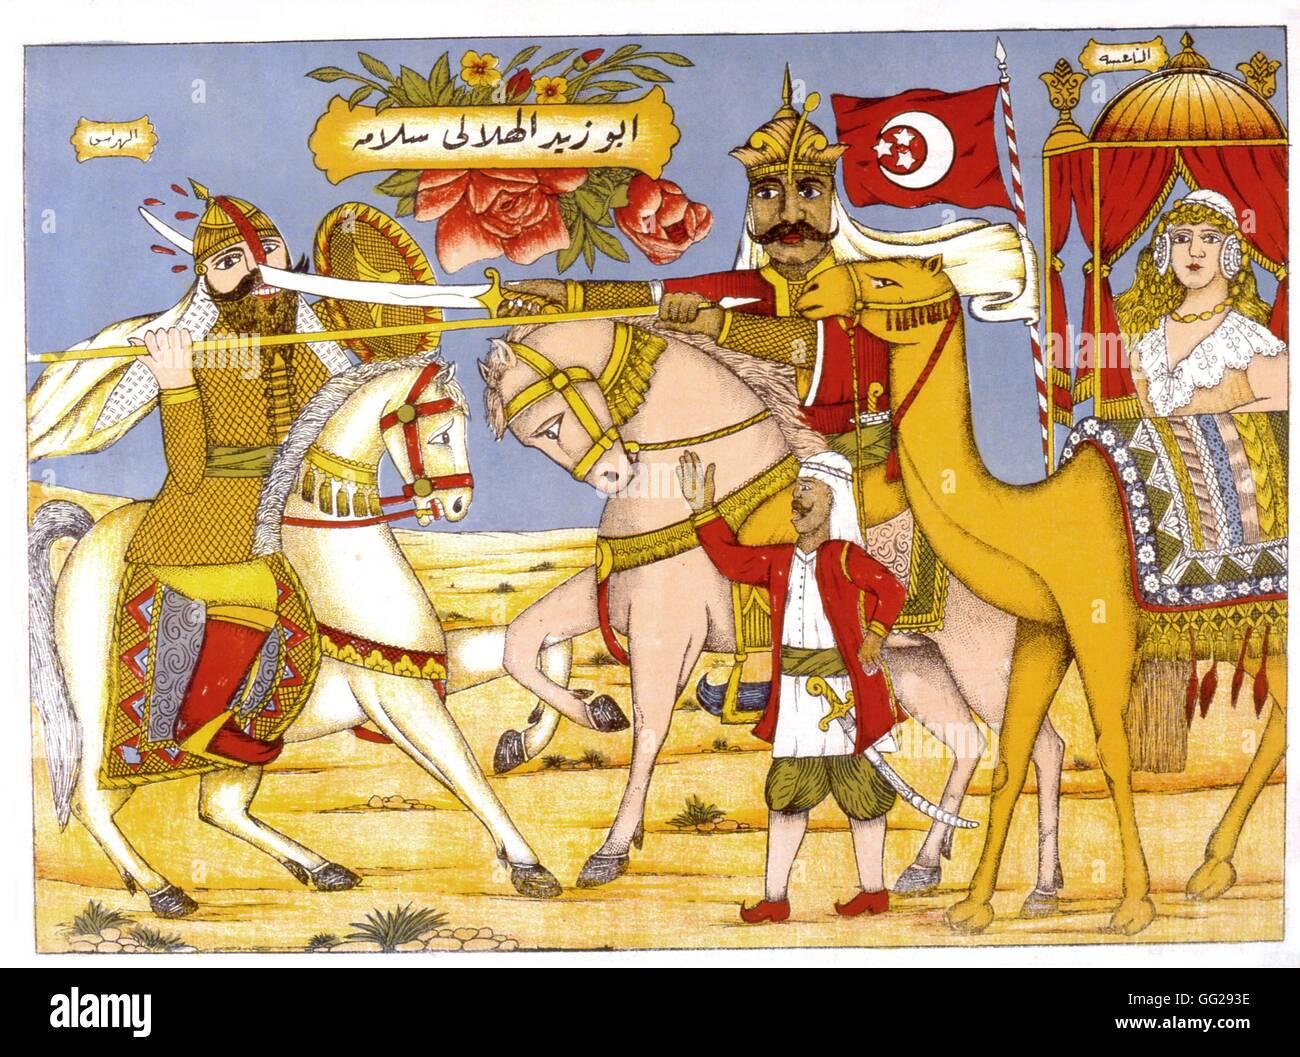 La imaginería popular egipcia c. 1930 Colección Privada. Foto de stock